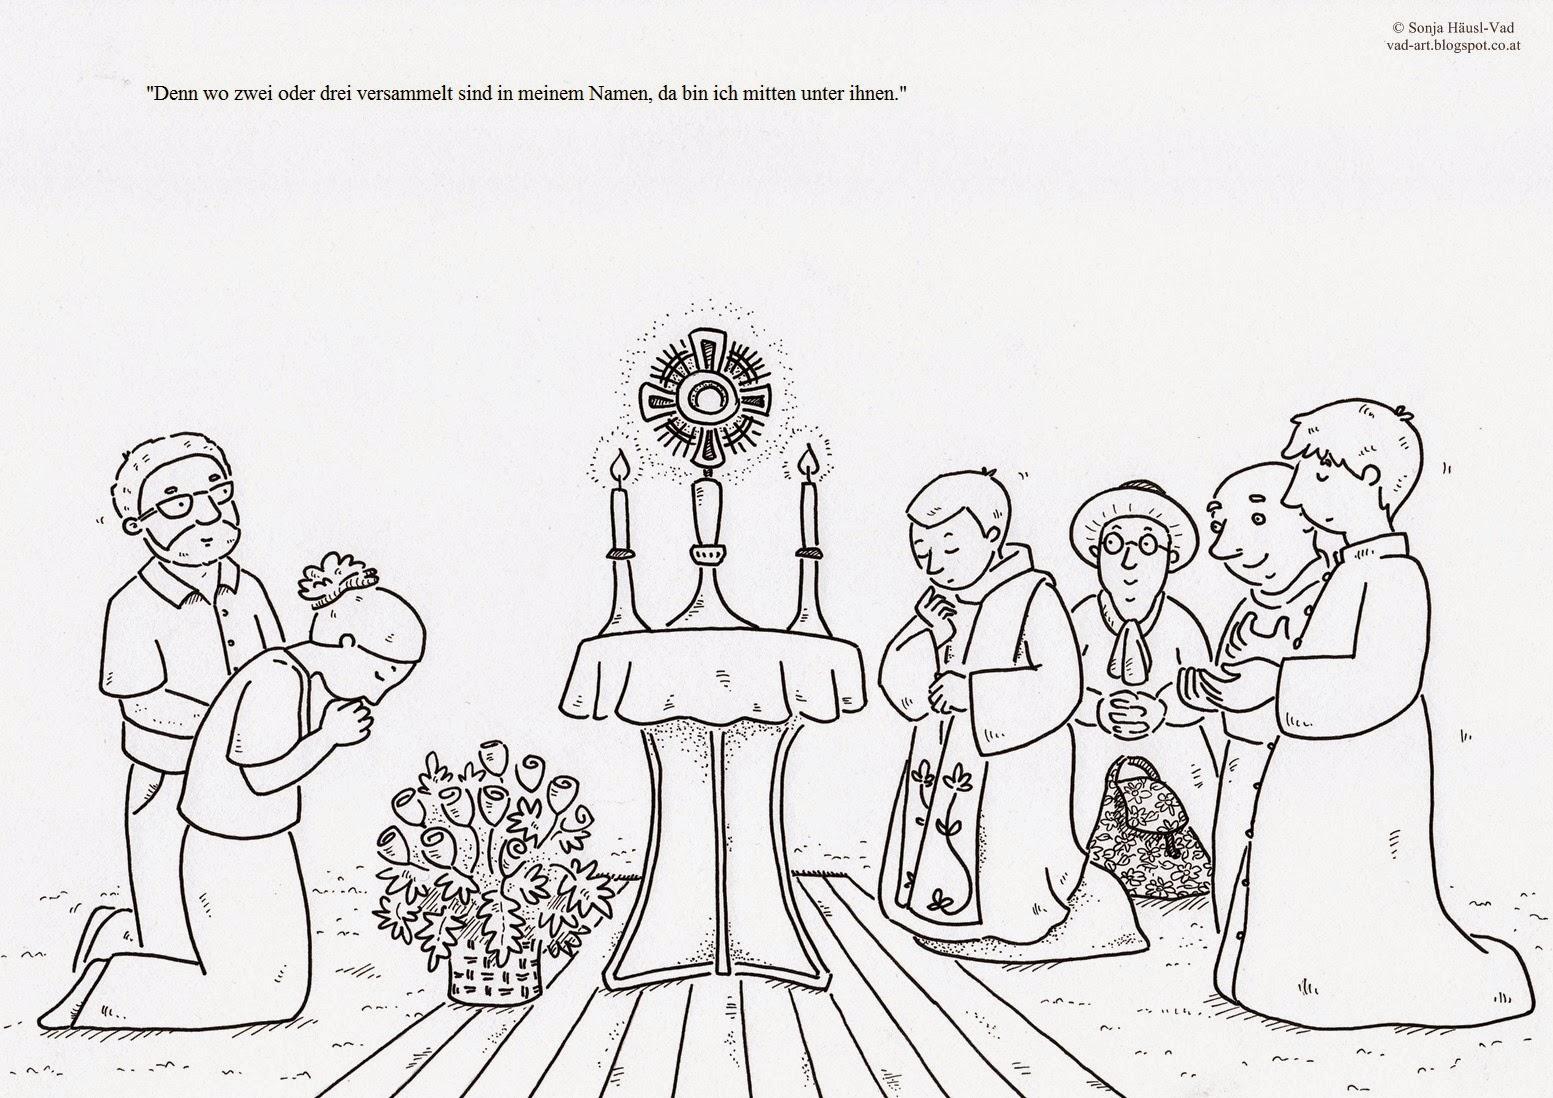 Ausmalbilder Zur Bibel September Zyklus A Bild Drucken 100 Ideas On Emergingartspdx